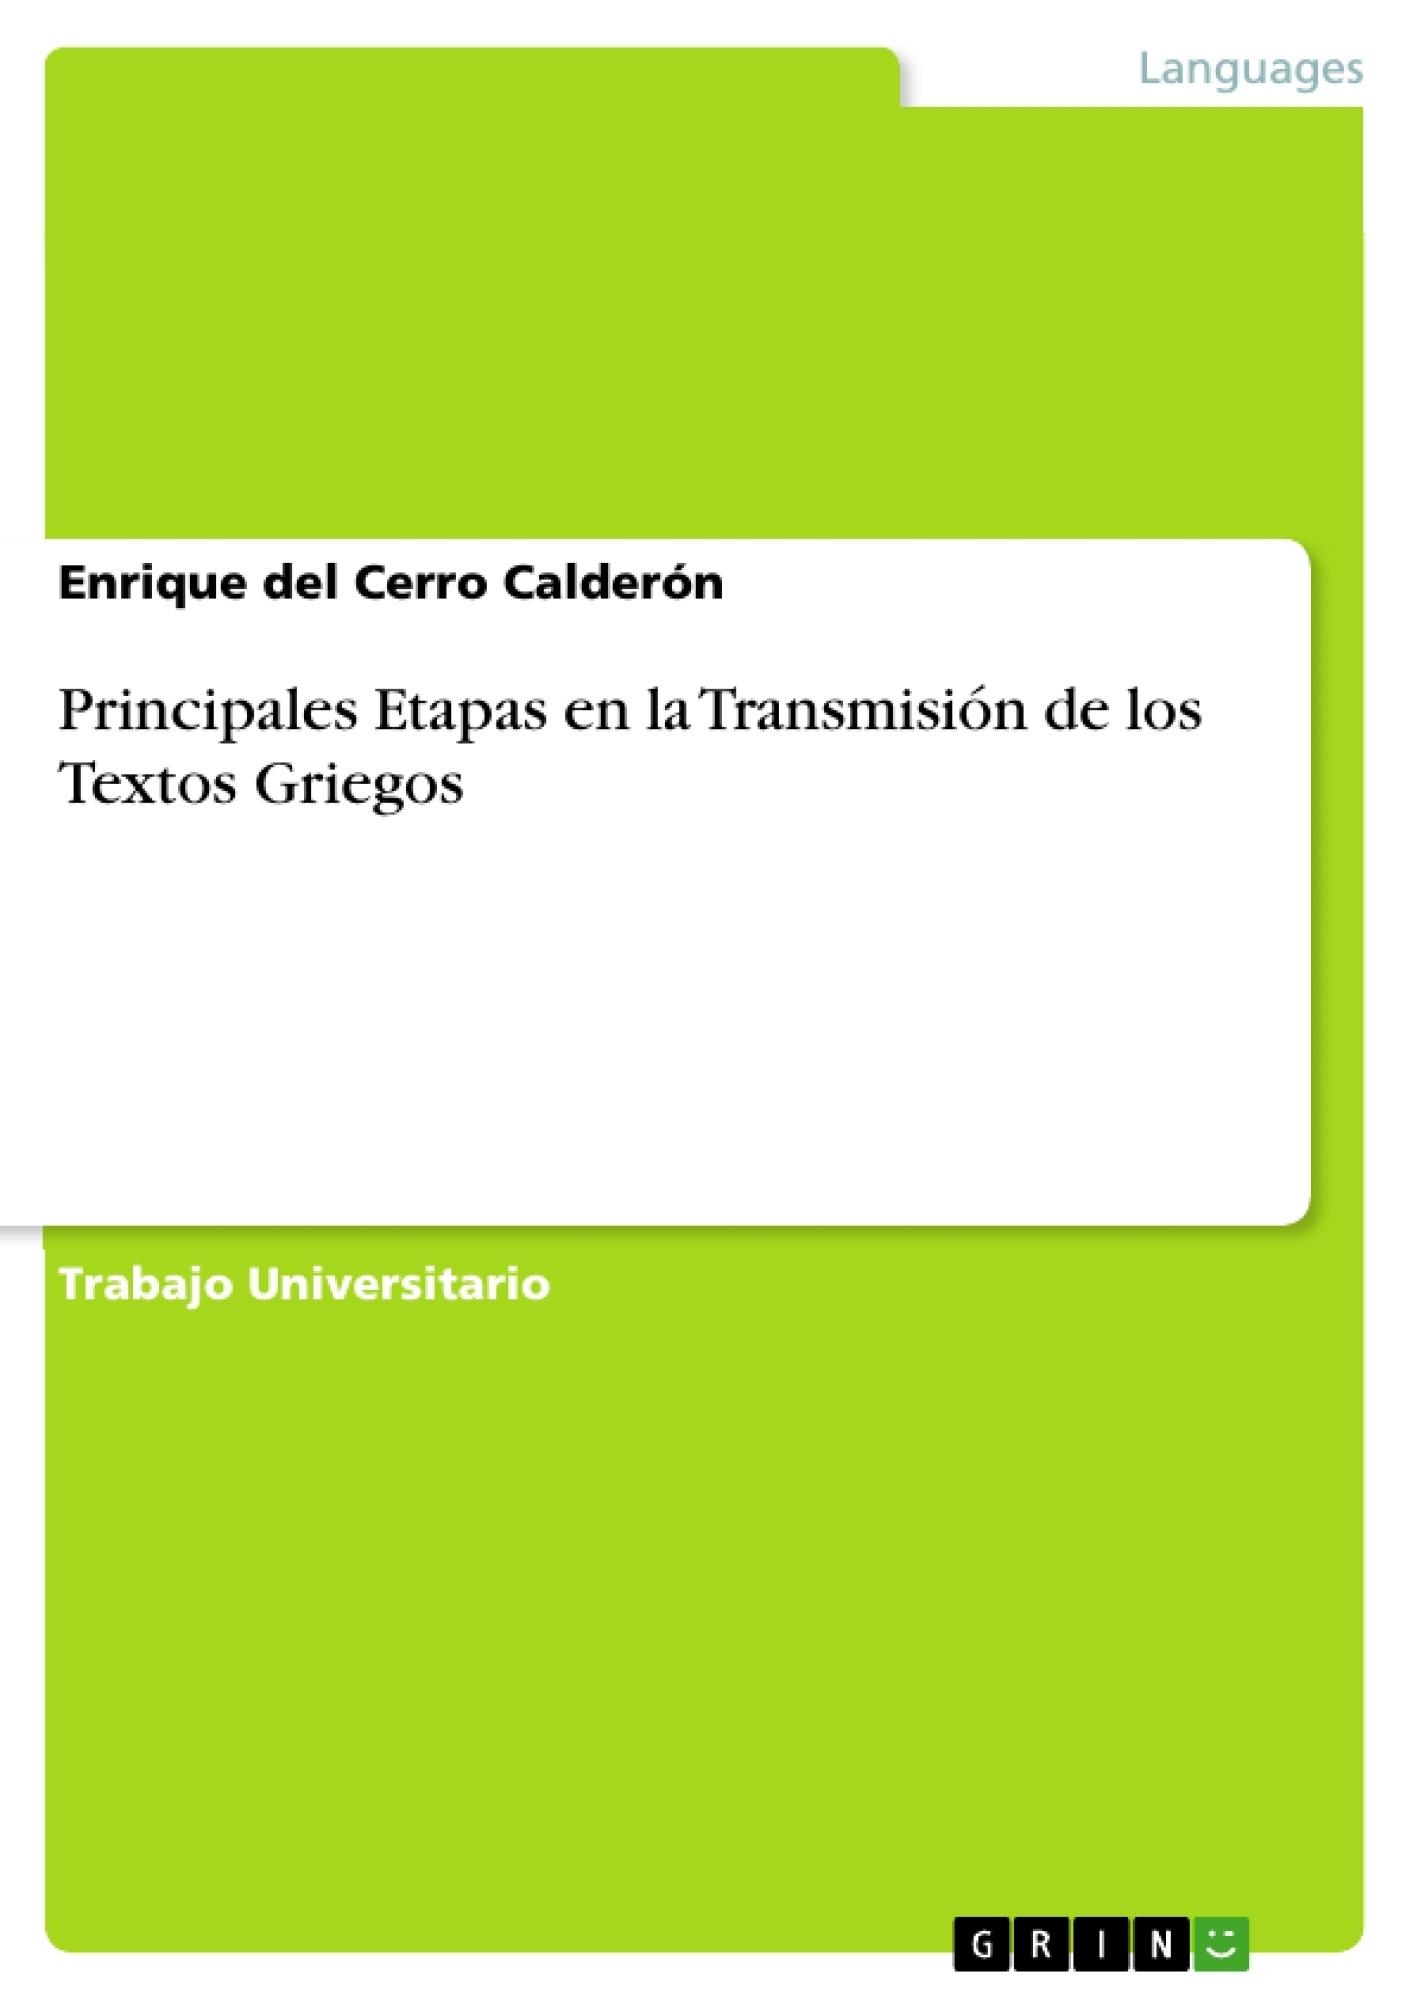 Título: Principales Etapas en la Transmisión de los Textos Griegos